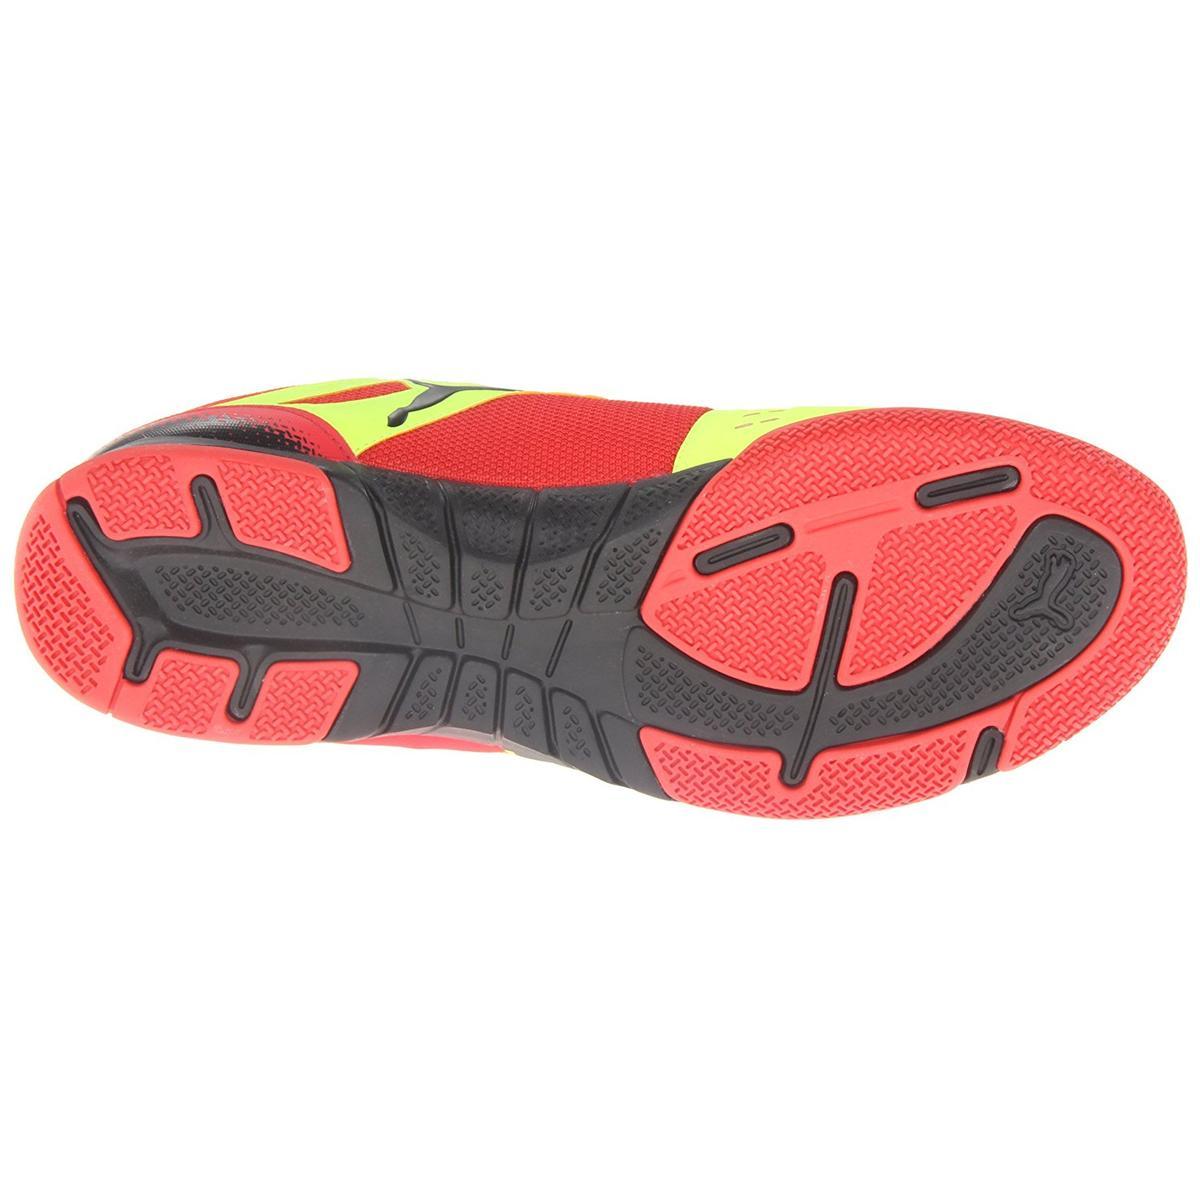 Puma Nevoa Lite Mens Red/Yellow Sneakers